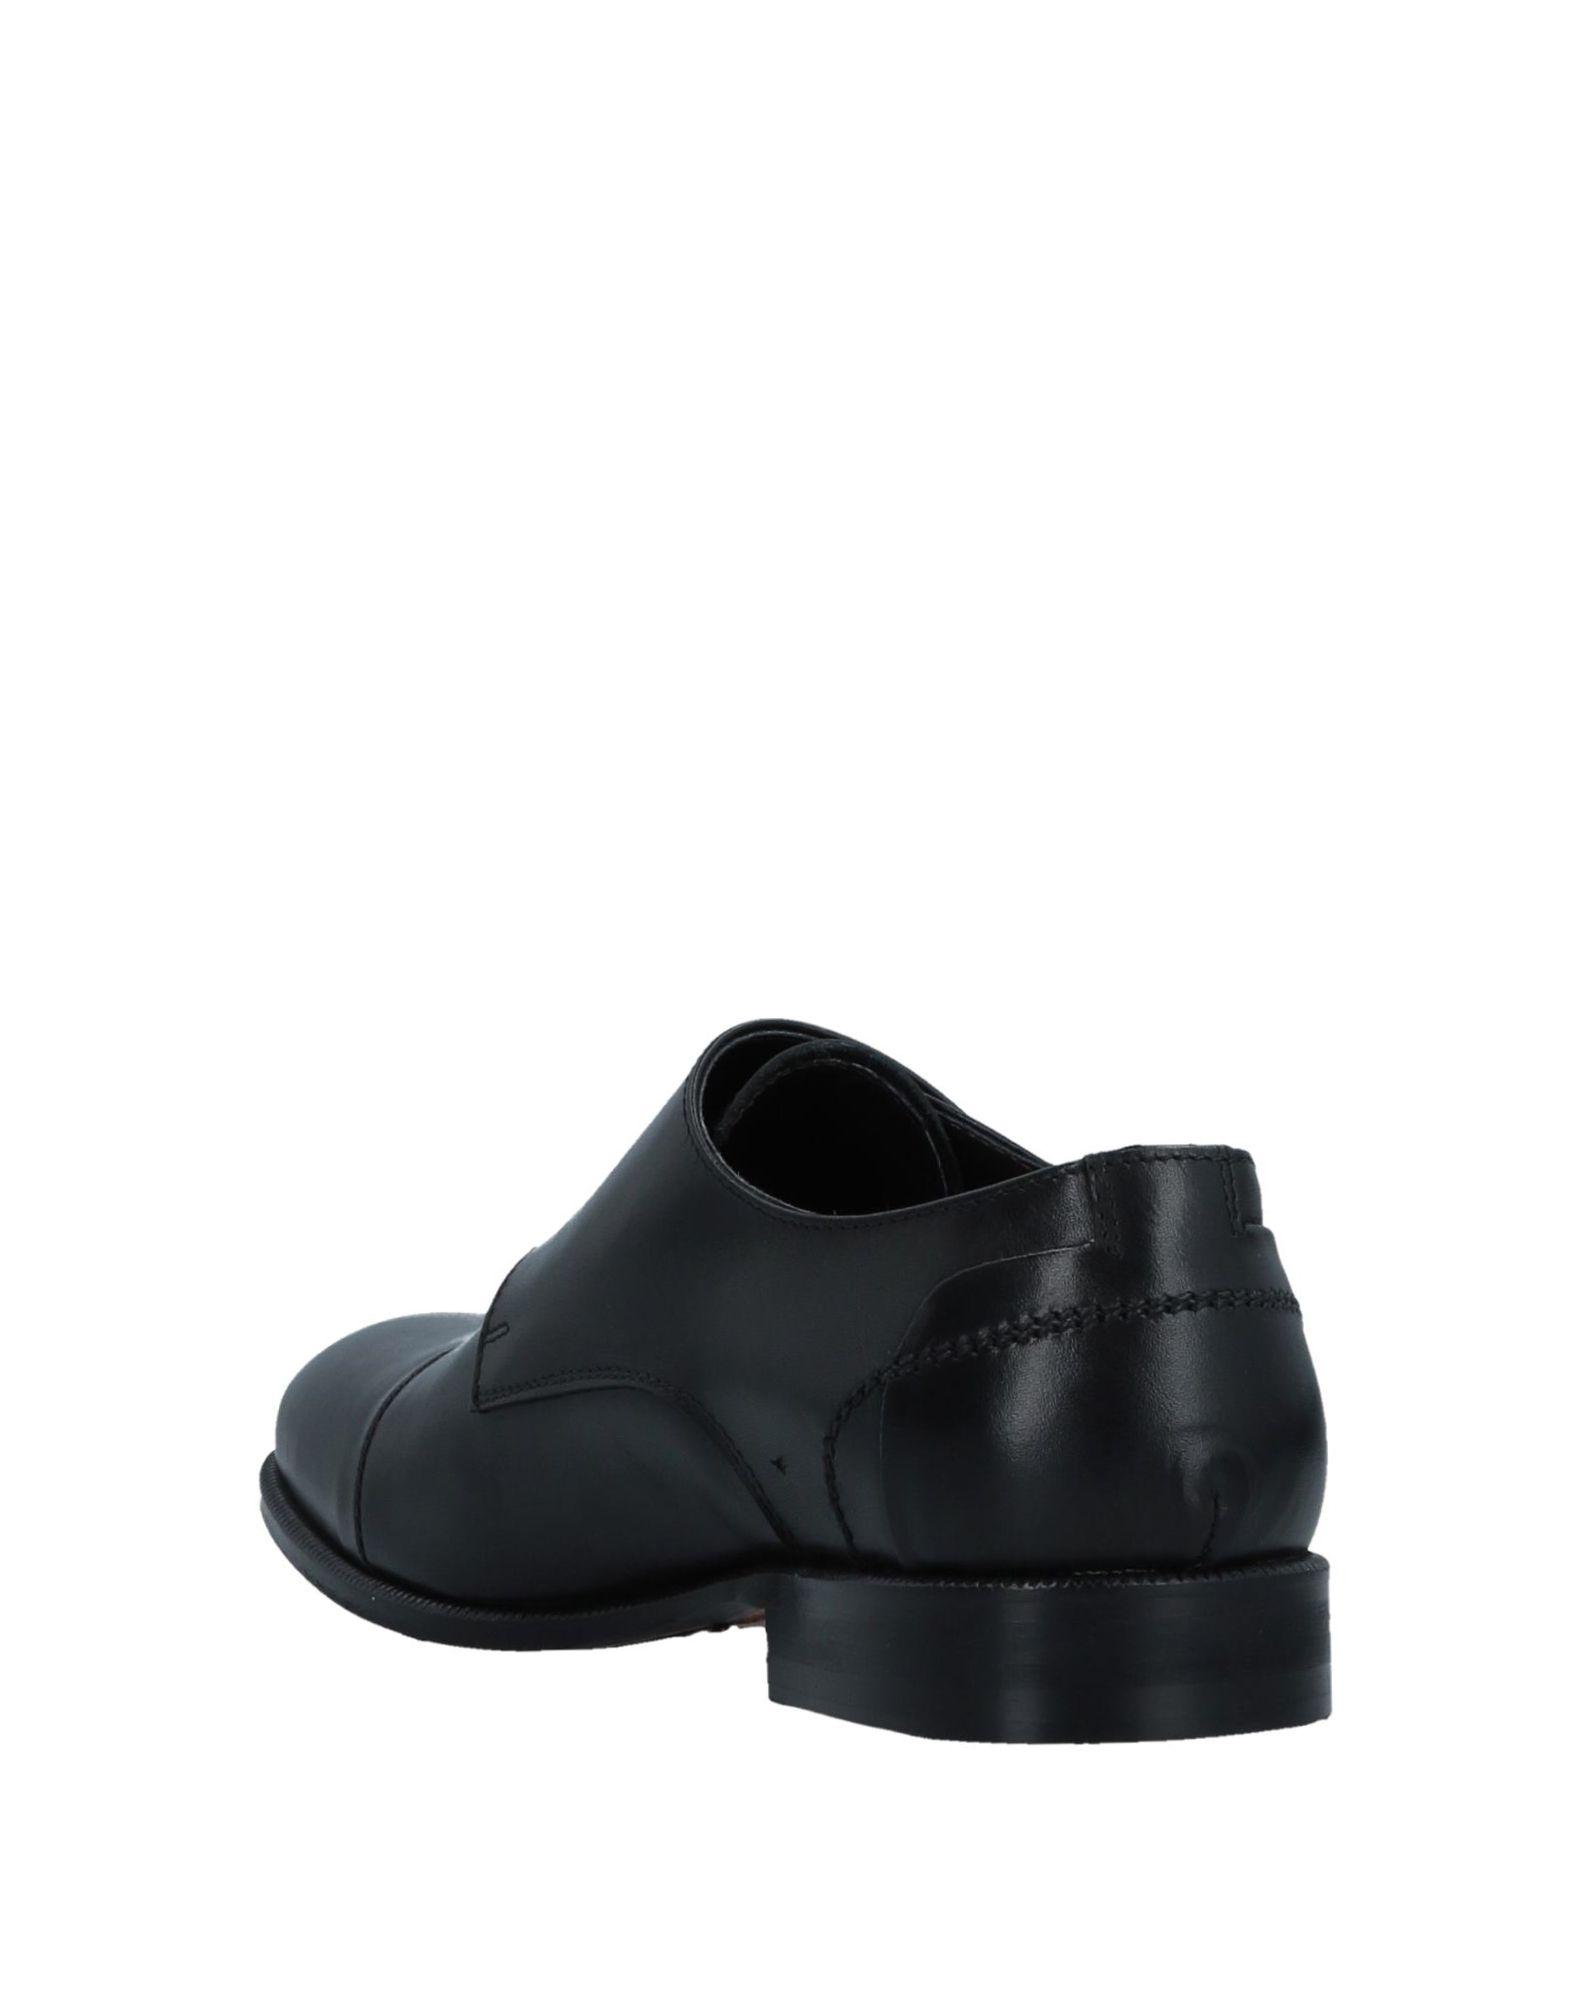 Bagatt Mokassins Gute Herren  11518305XX Gute Mokassins Qualität beliebte Schuhe d9fc81